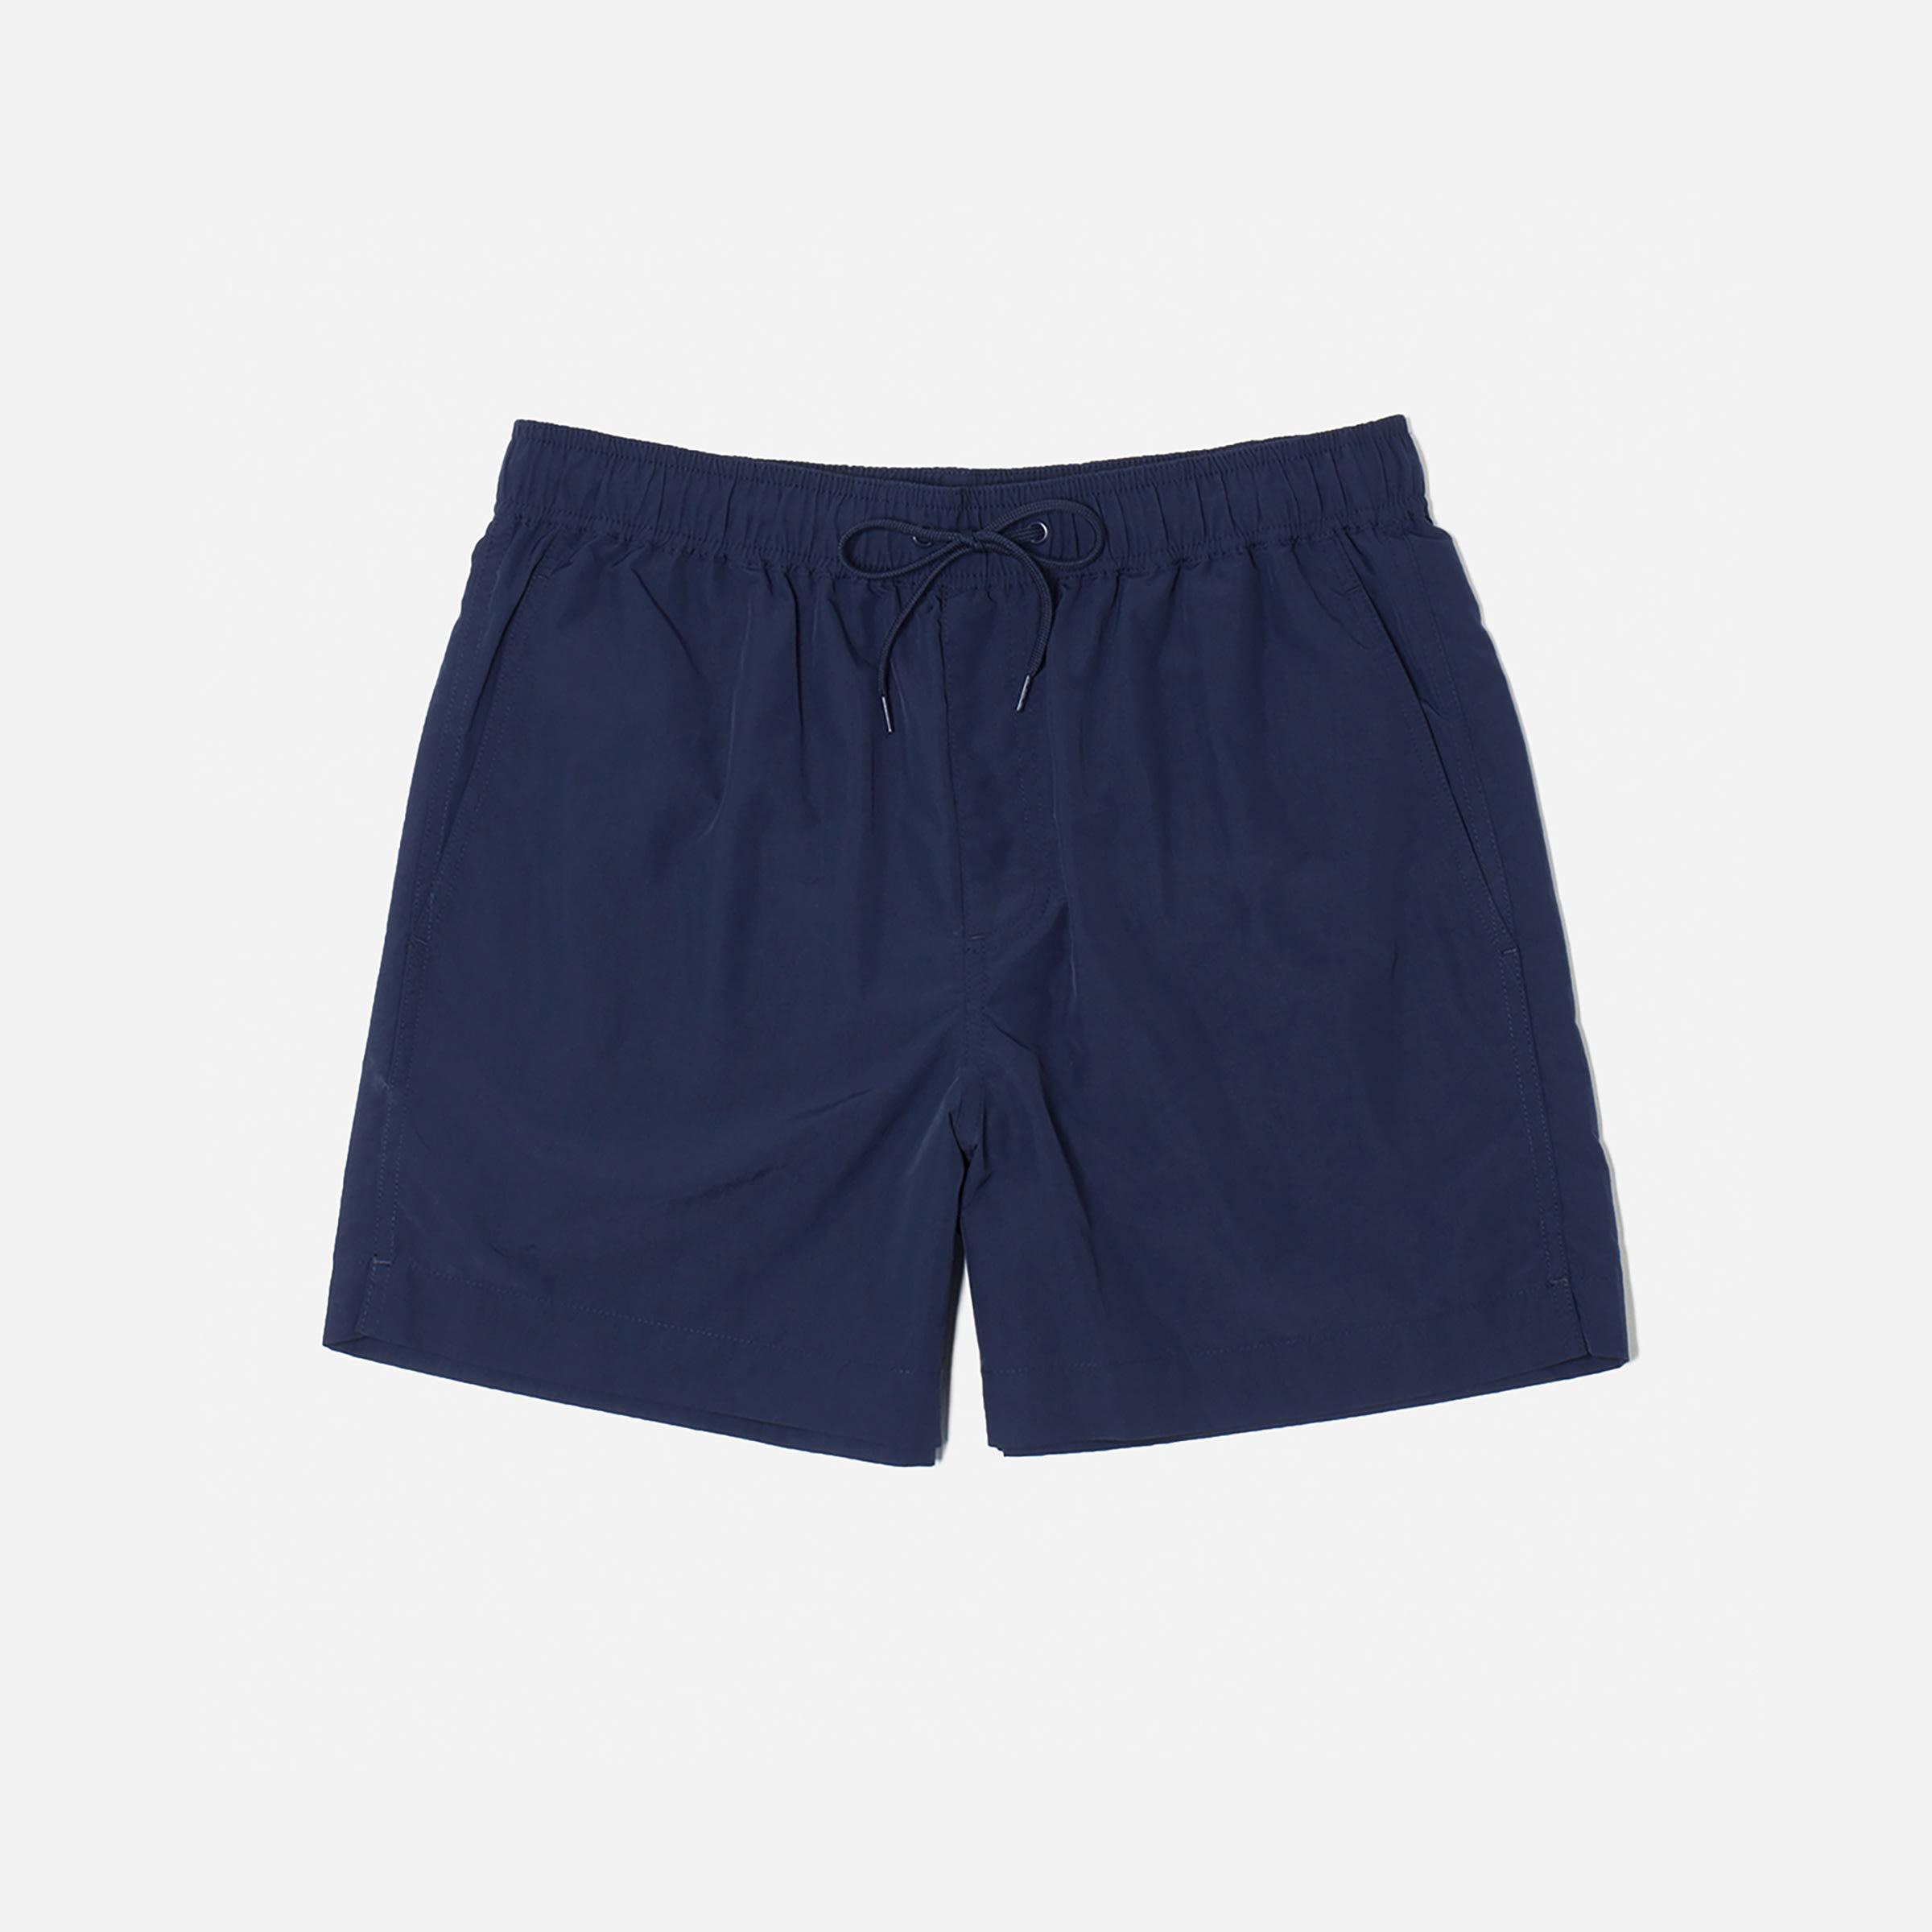 9b88775b60aa0 Men's Swim Short | Everlane